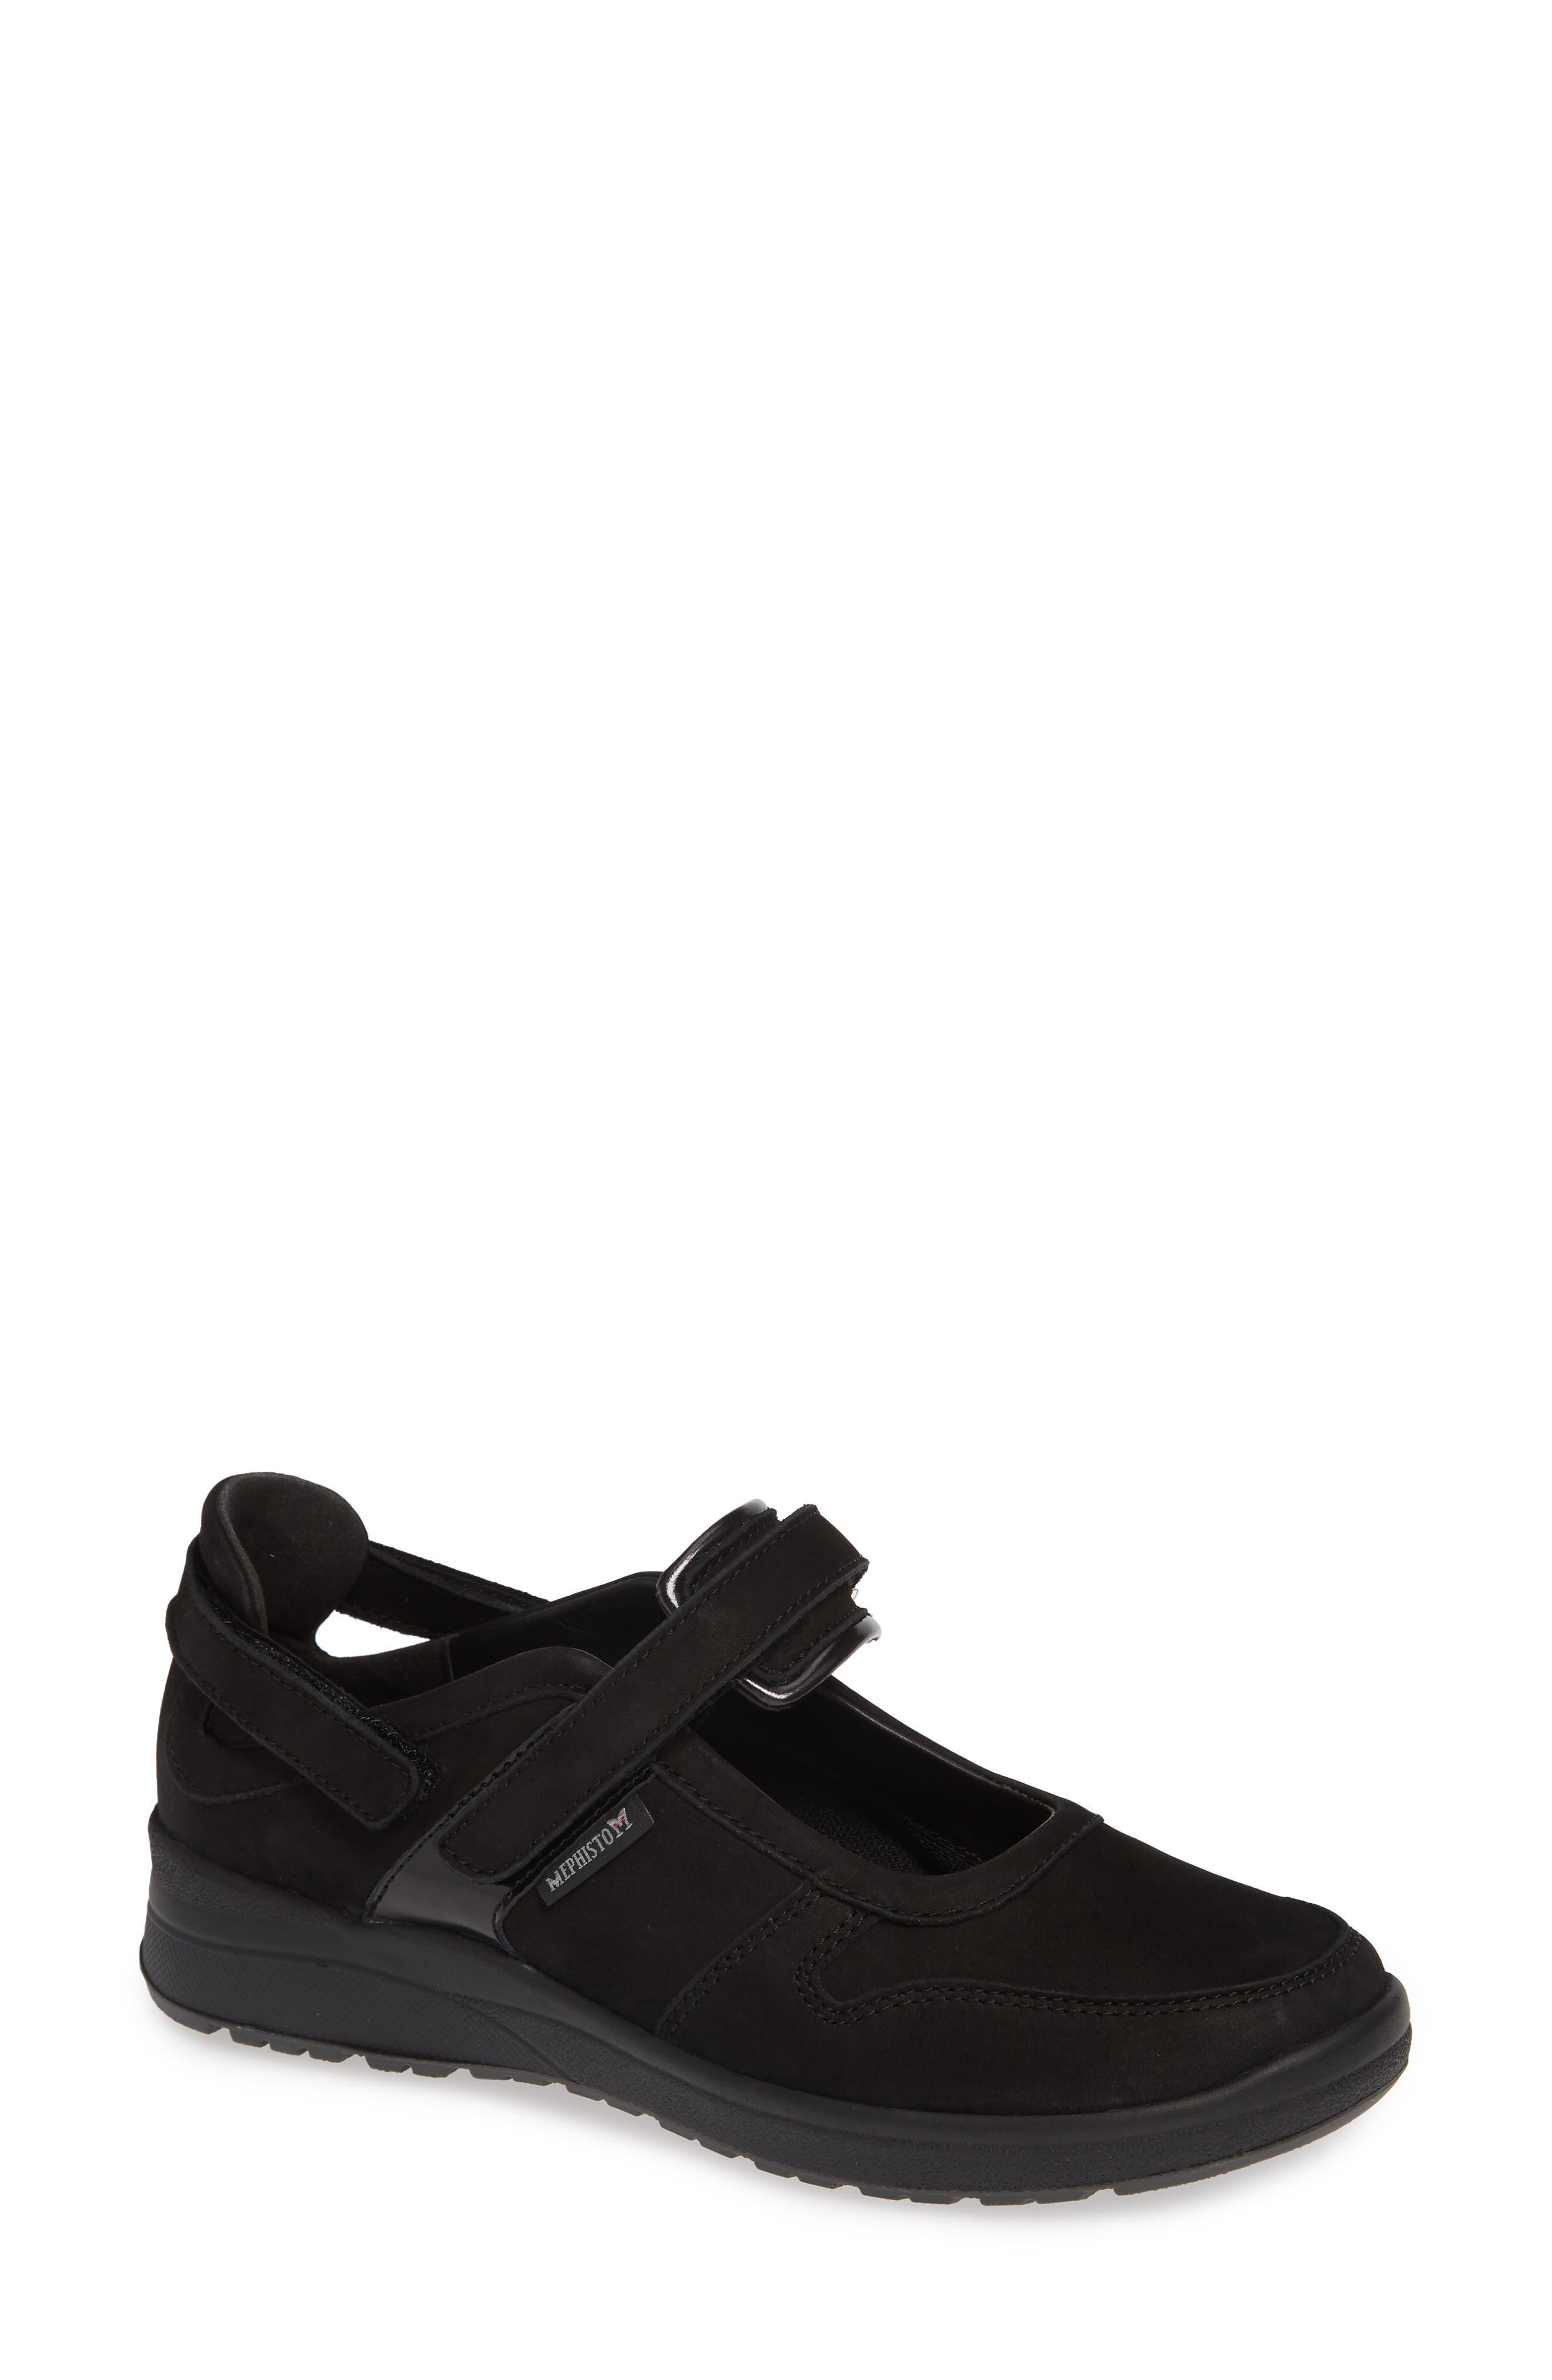 Mephisto Rejine Sneaker, Black